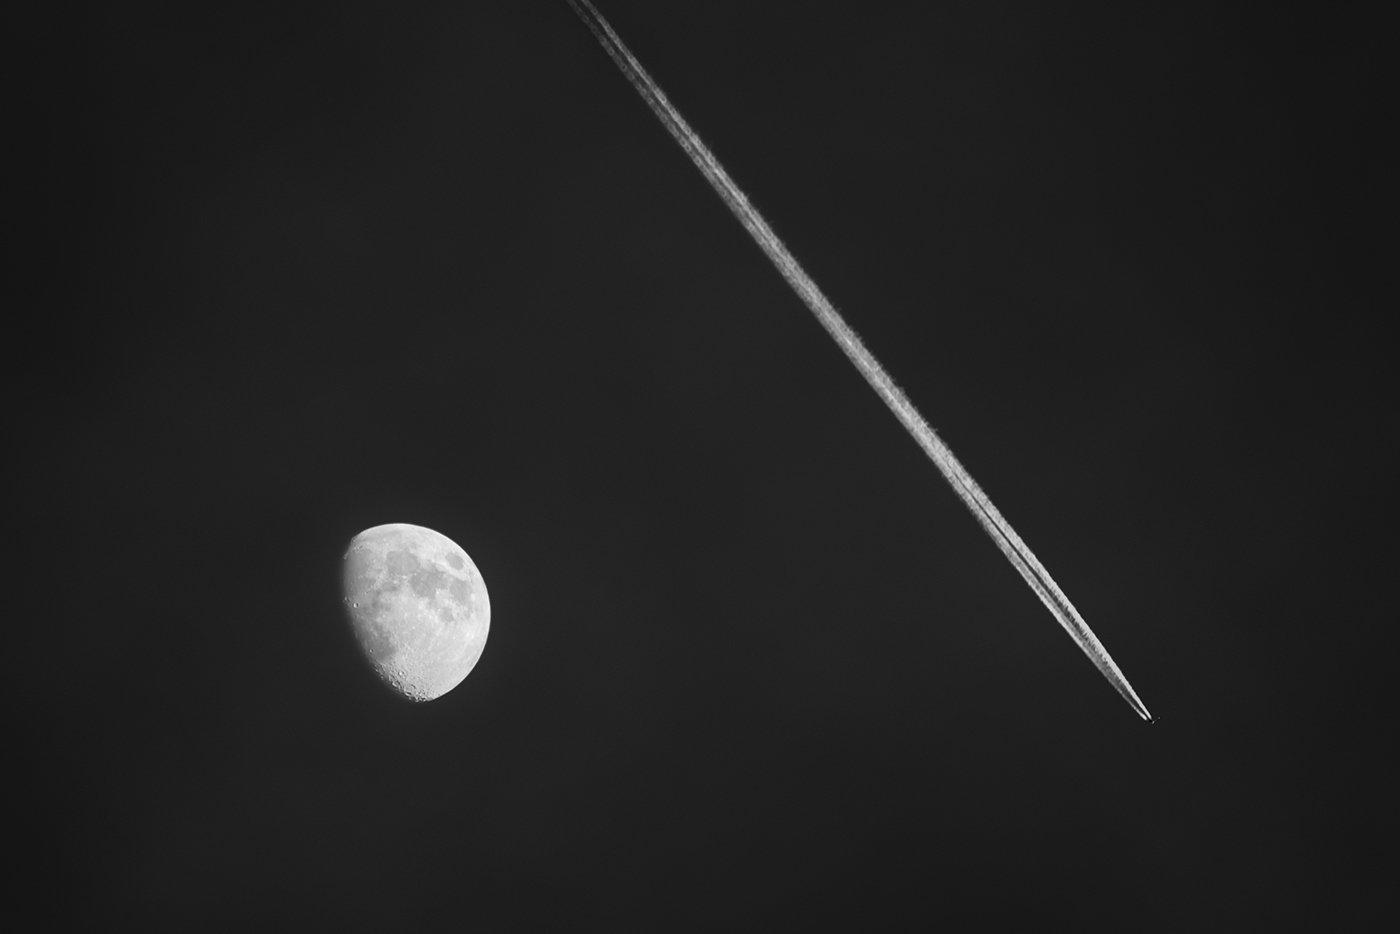 чб, черно-белое, луна, след, инверсионный, самолет, линия, круг, абстракция, геометрия, диаглналь, летит,, Антипов Дмитрий